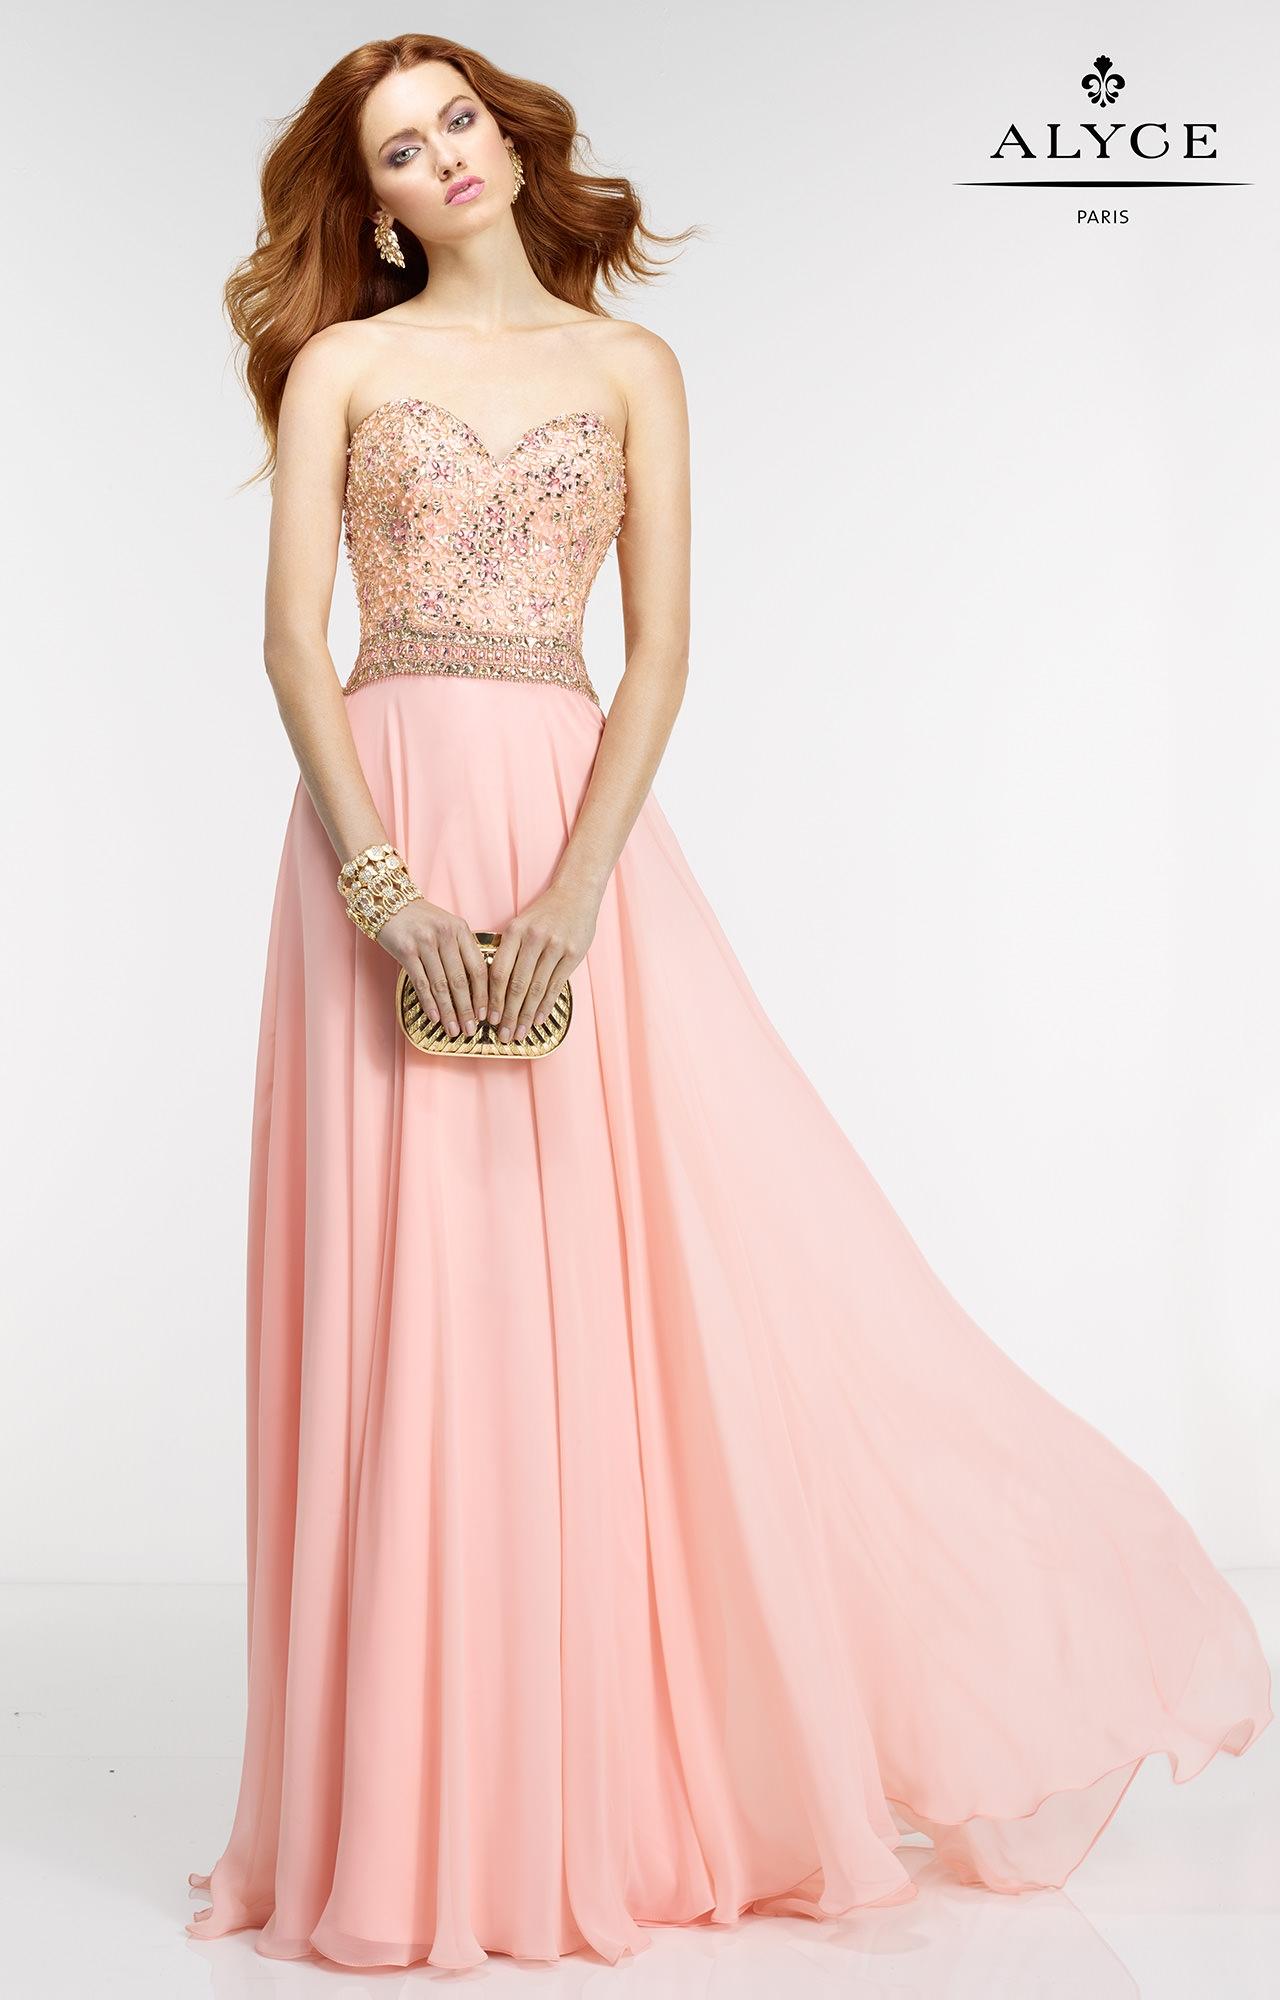 Vistoso Prom Vestidos Alyce Colección - Ideas de Estilos de Vestido ...